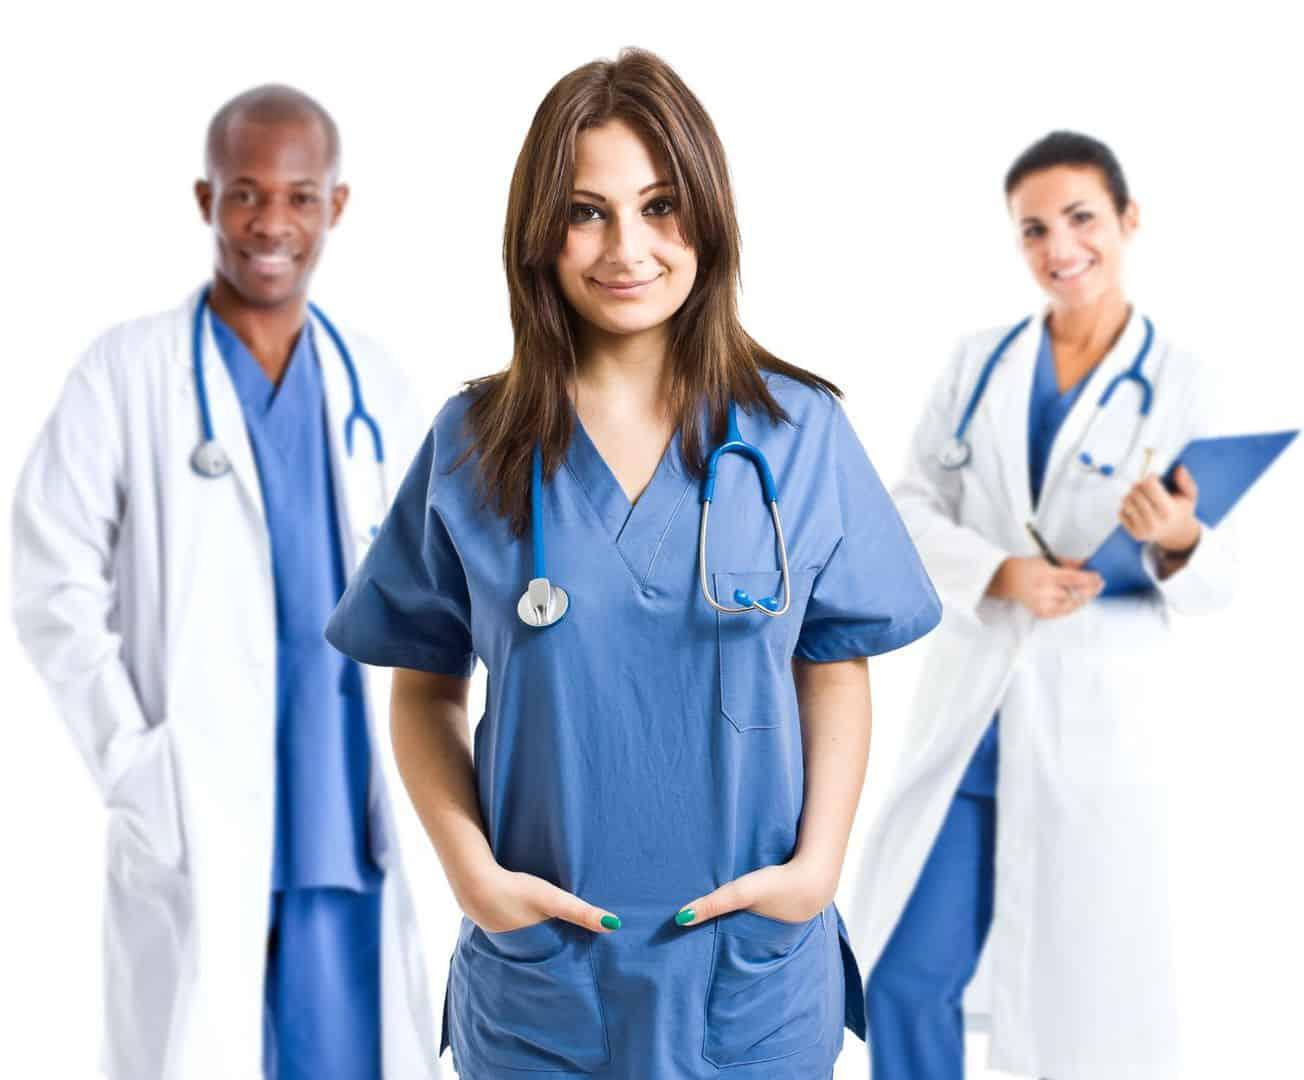 medical-professionals